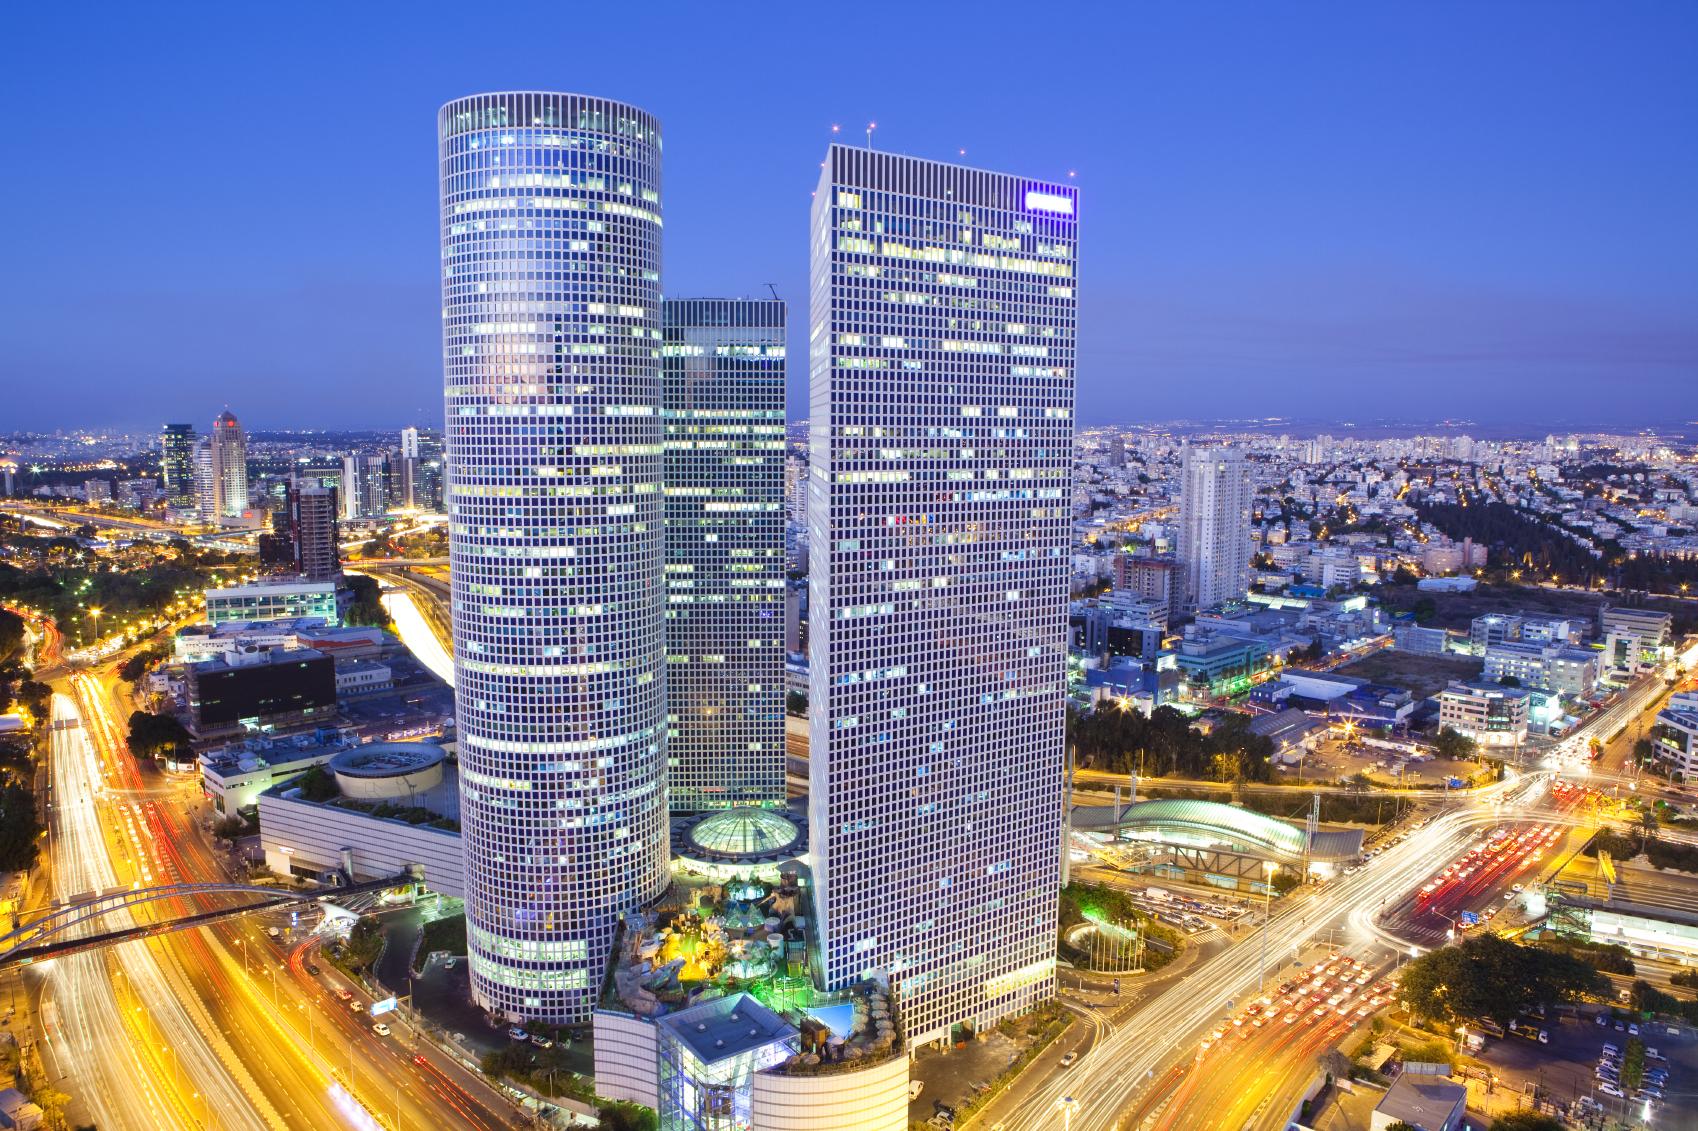 Cidade de Israel é considerada inovadora e tecnológica (Foto: Reprodução).